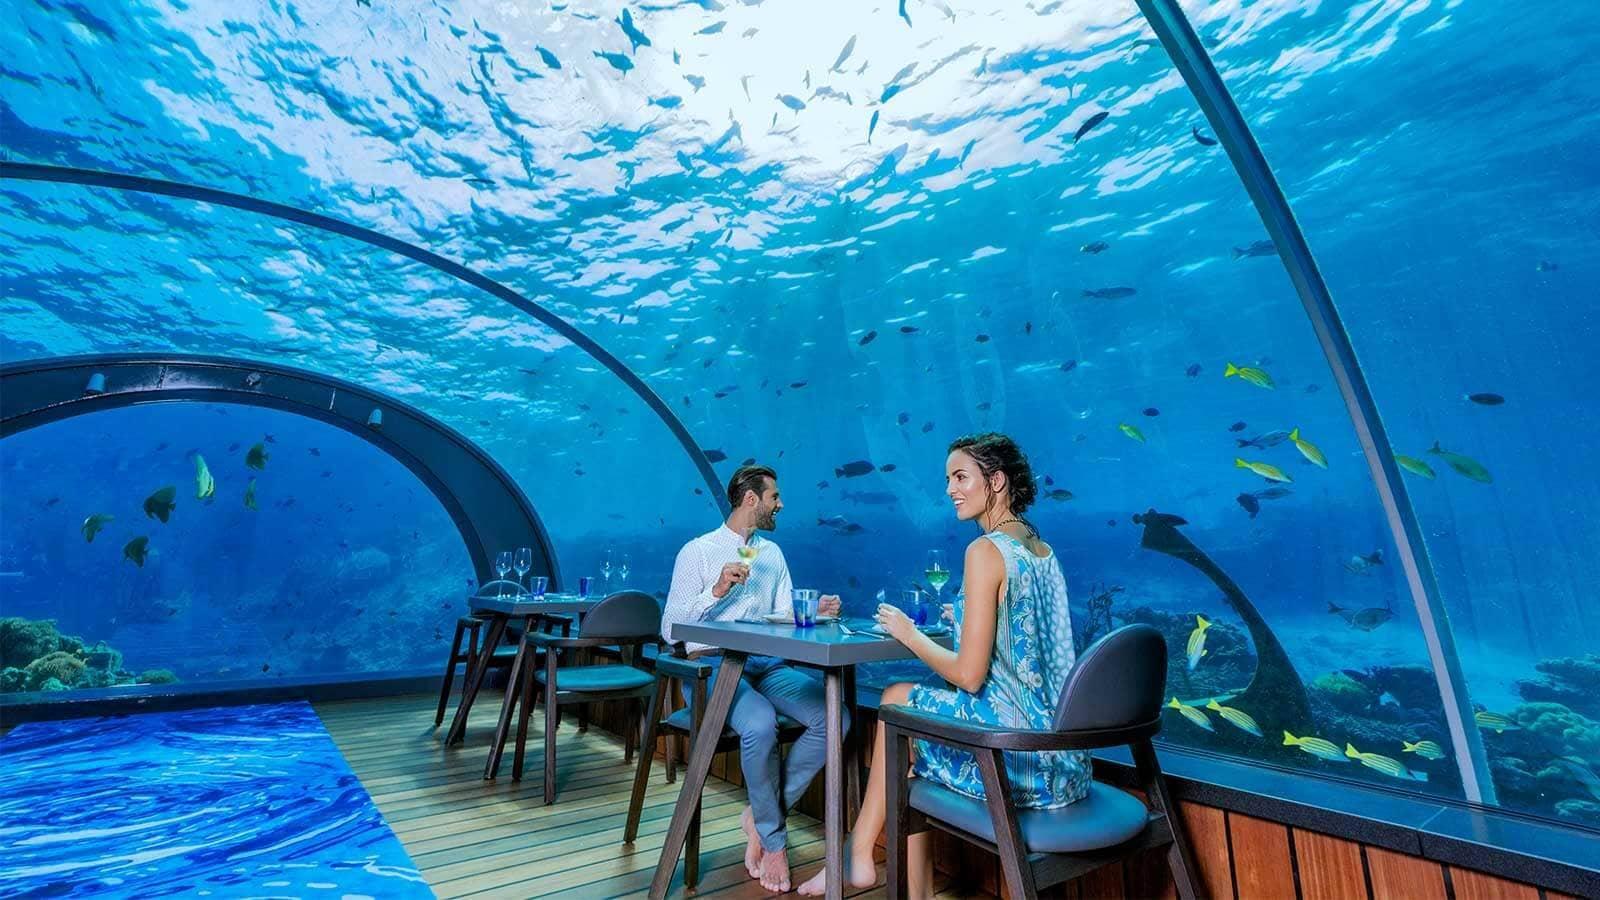 25 cамых необычных ресторанов мира